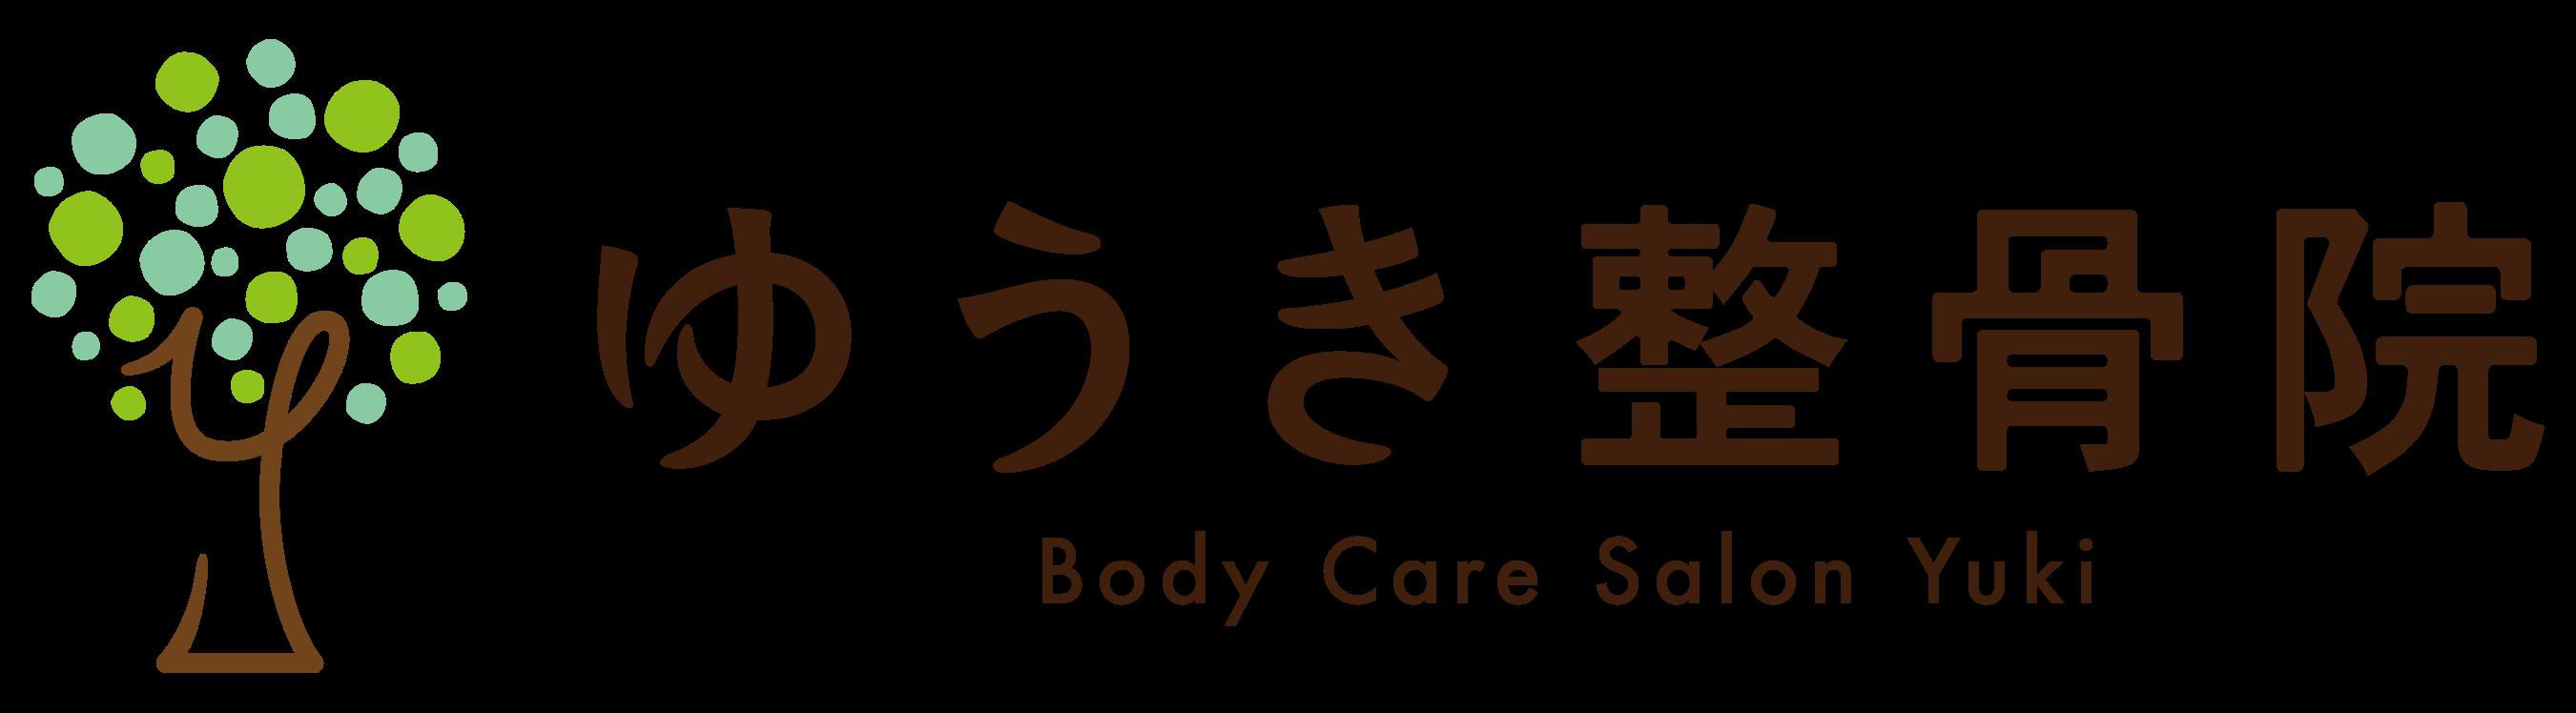 県内唯一の筋膜専門院/ゆうき整骨院